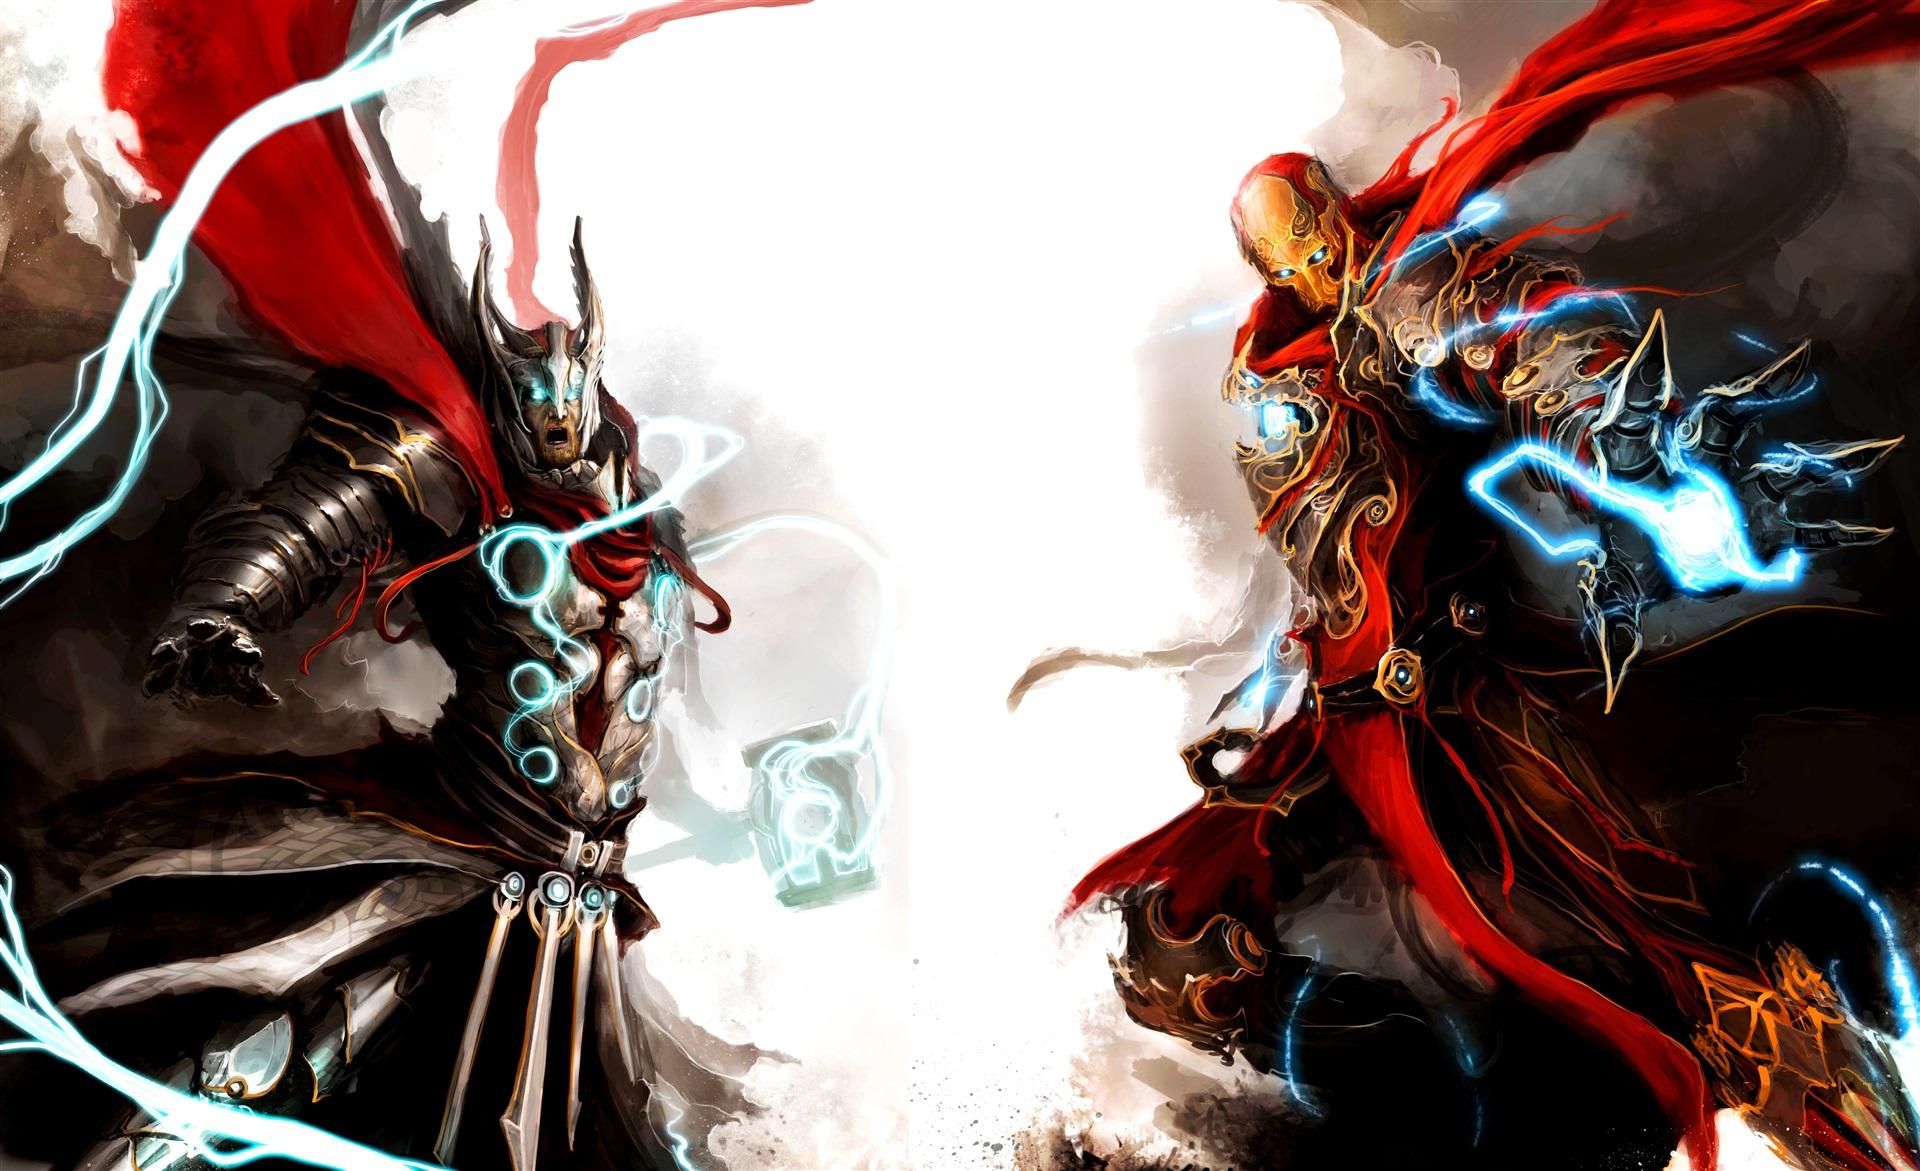 45+] Avengers 4K Wallpaper on WallpaperSafari